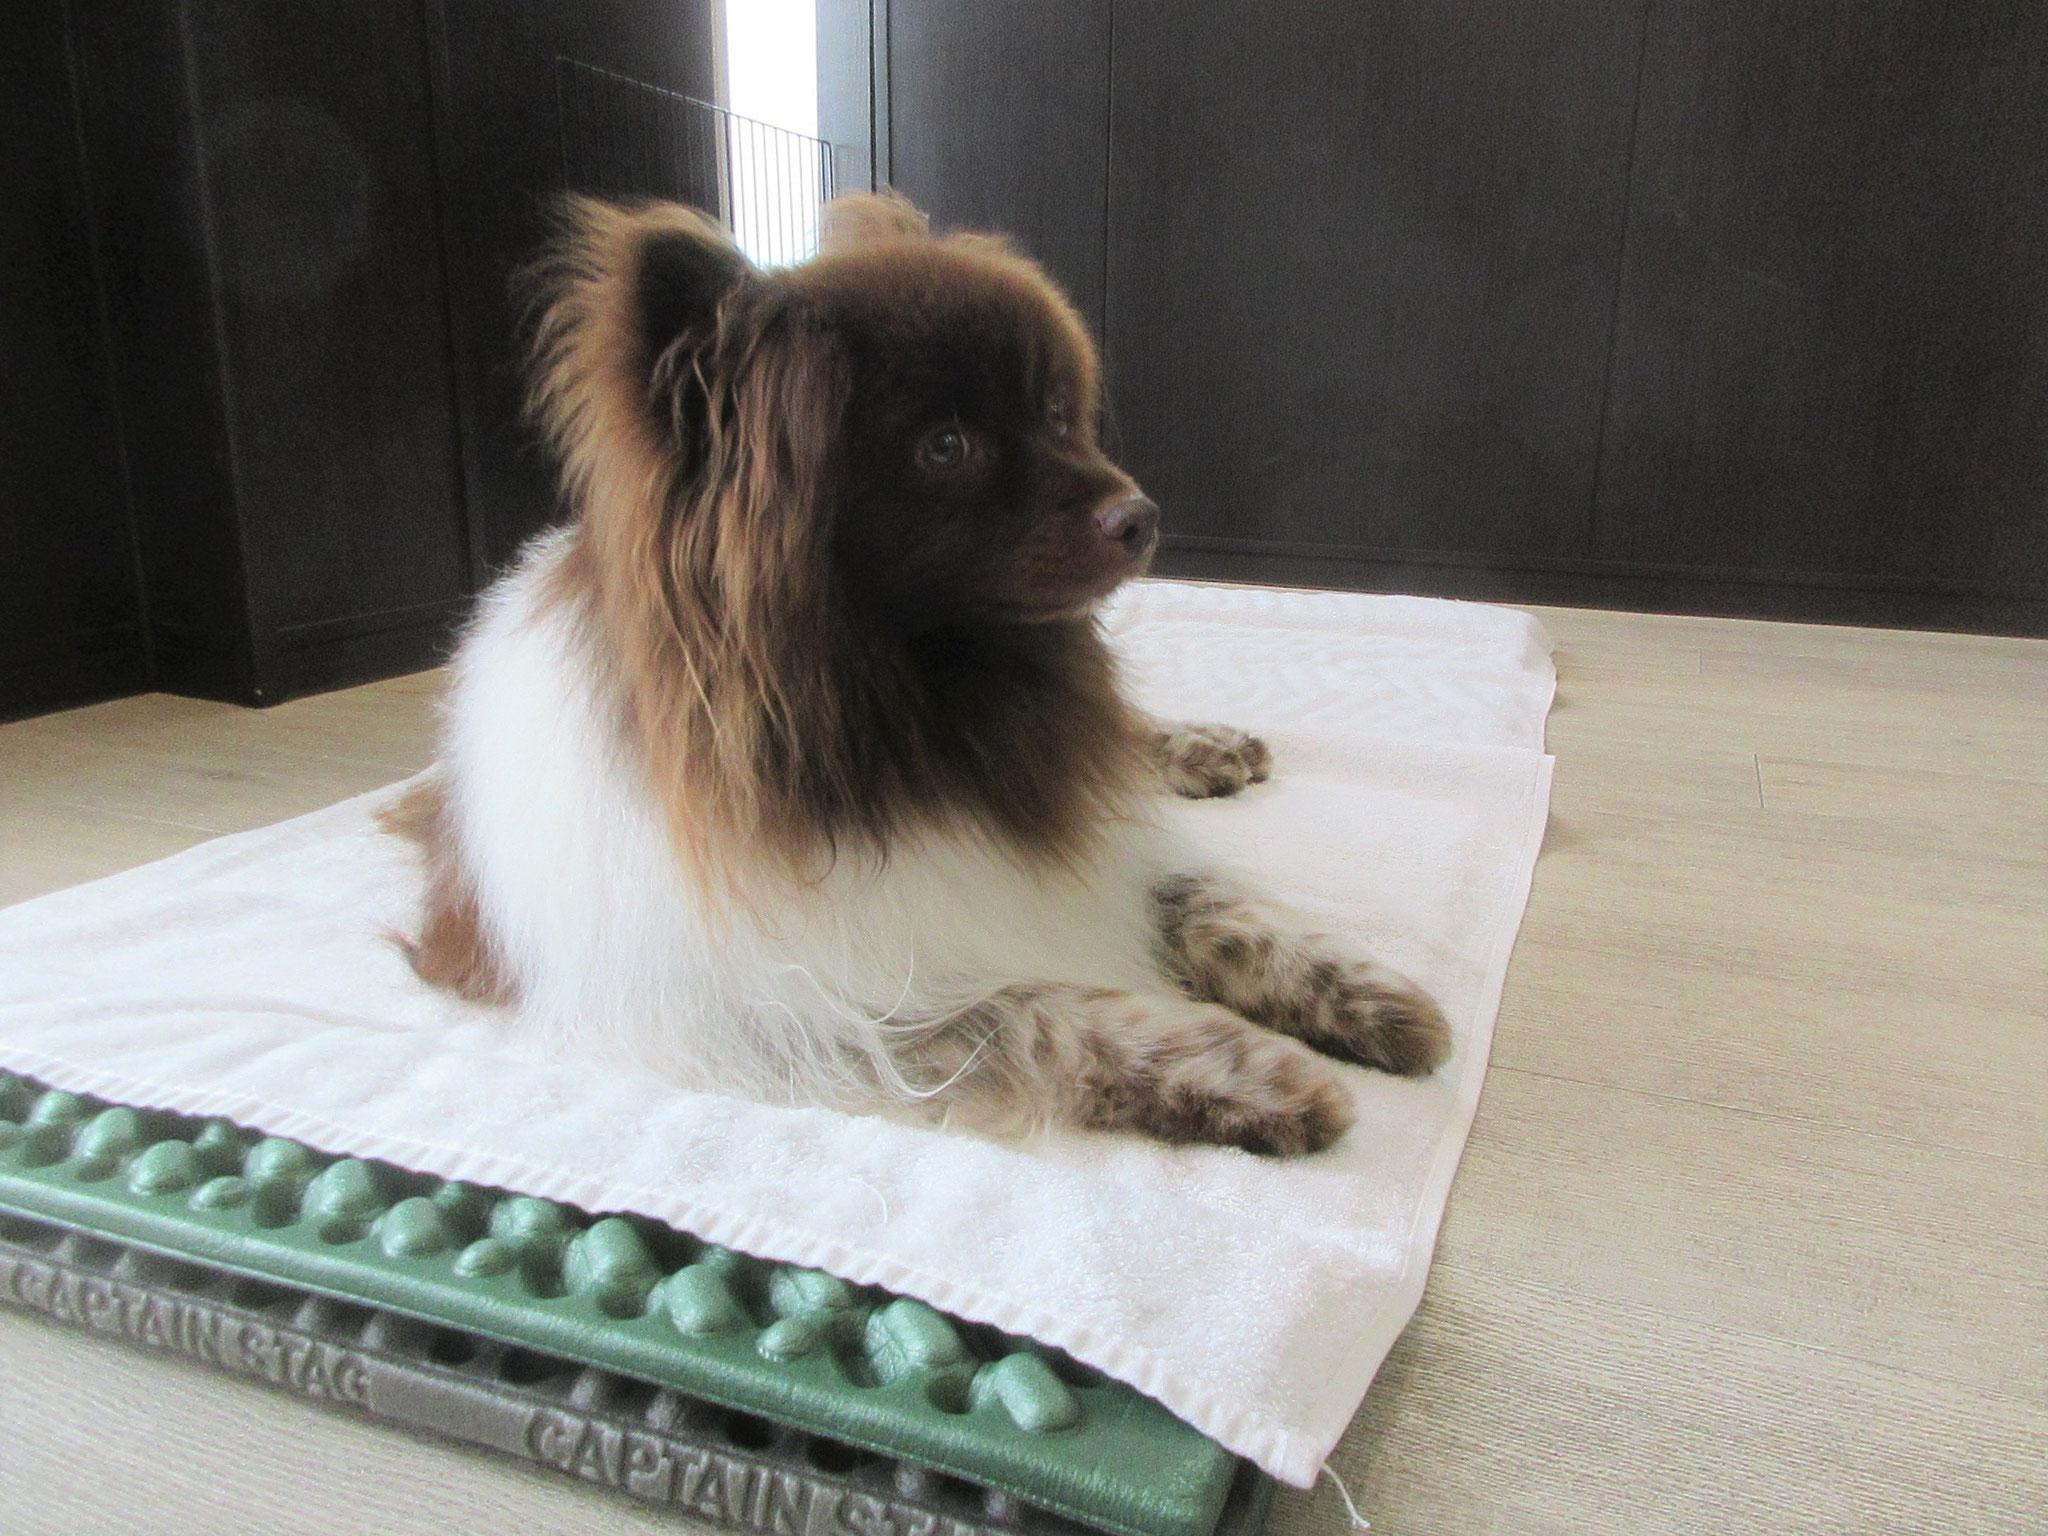 クッキー・犬の保育園Baby・犬・犬のしつけ・犬の社会化・習志野市・八千代市・船橋市